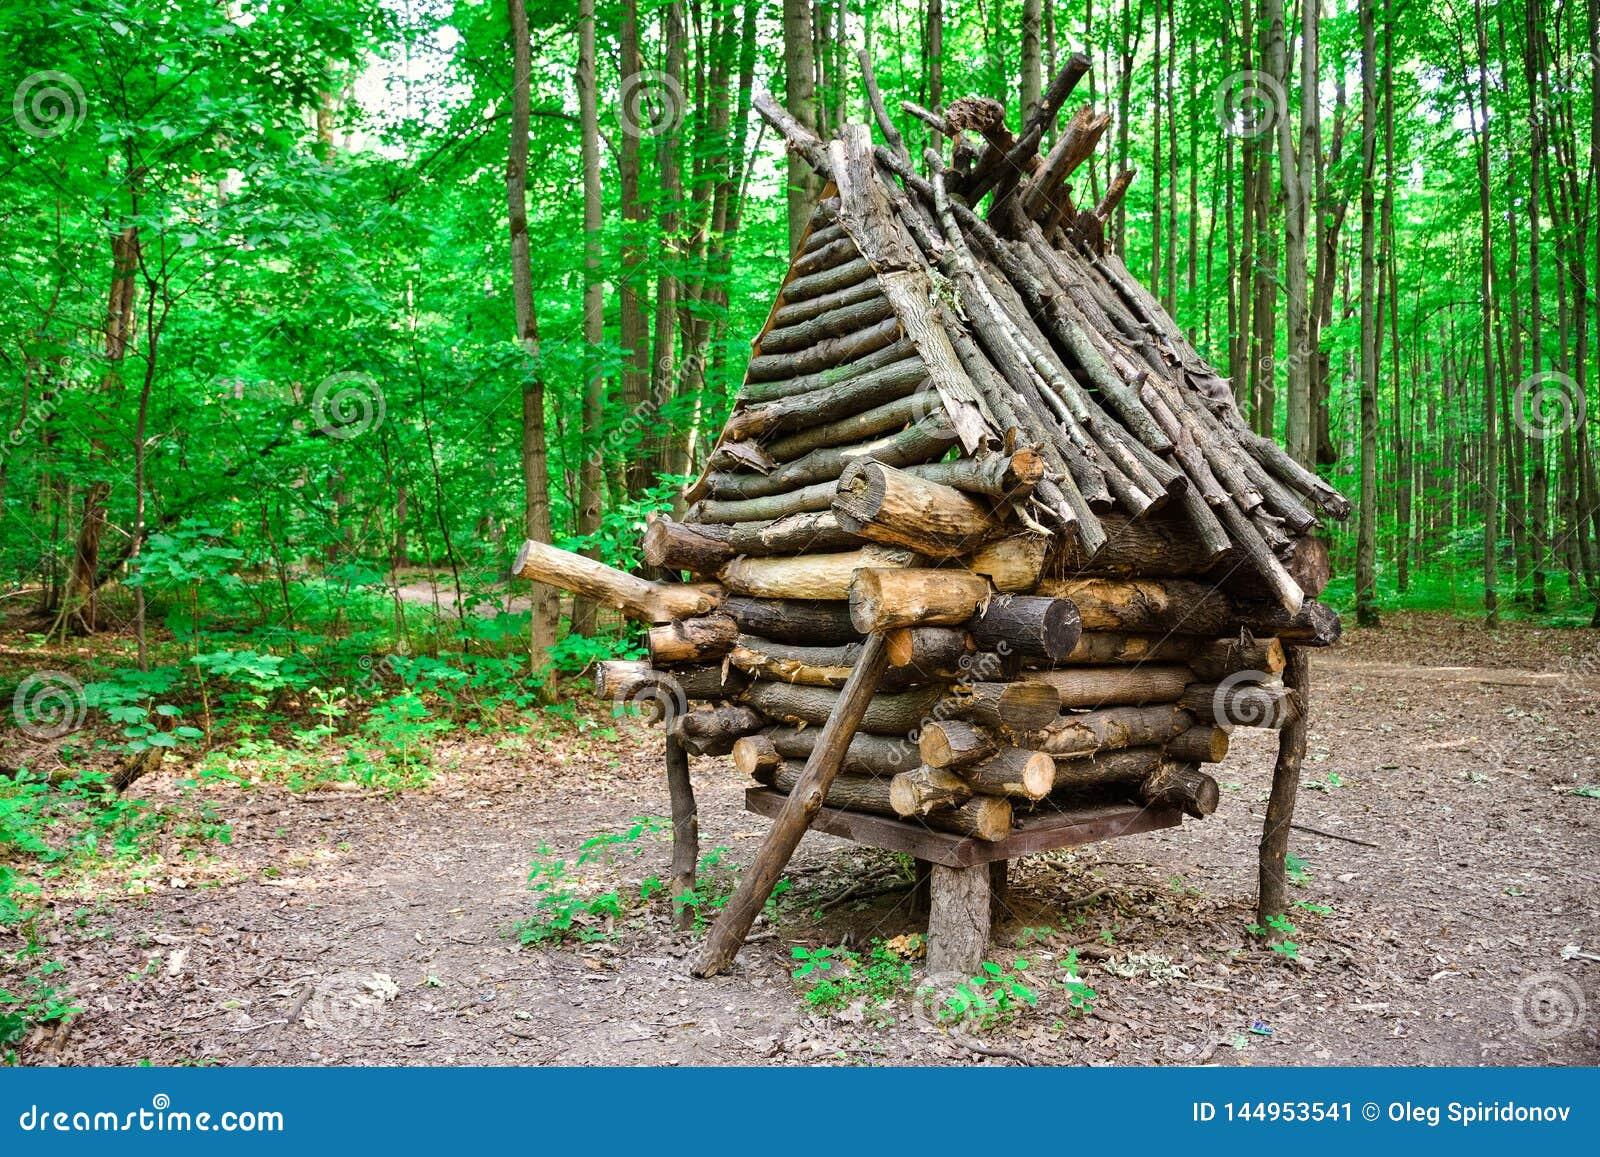 Hutte du baba-Yaga dans la forêt, grange des brindilles, hutte en bois, hutte sur des jambes de poulet